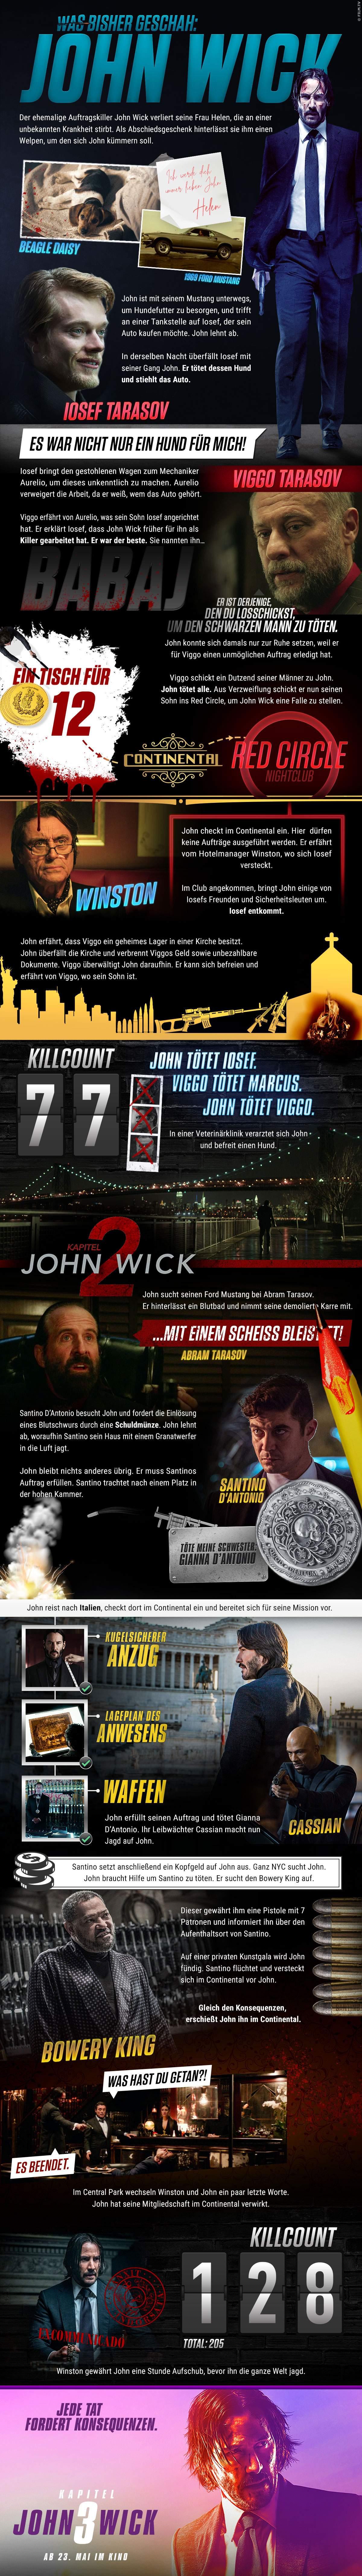 John Wick Recap